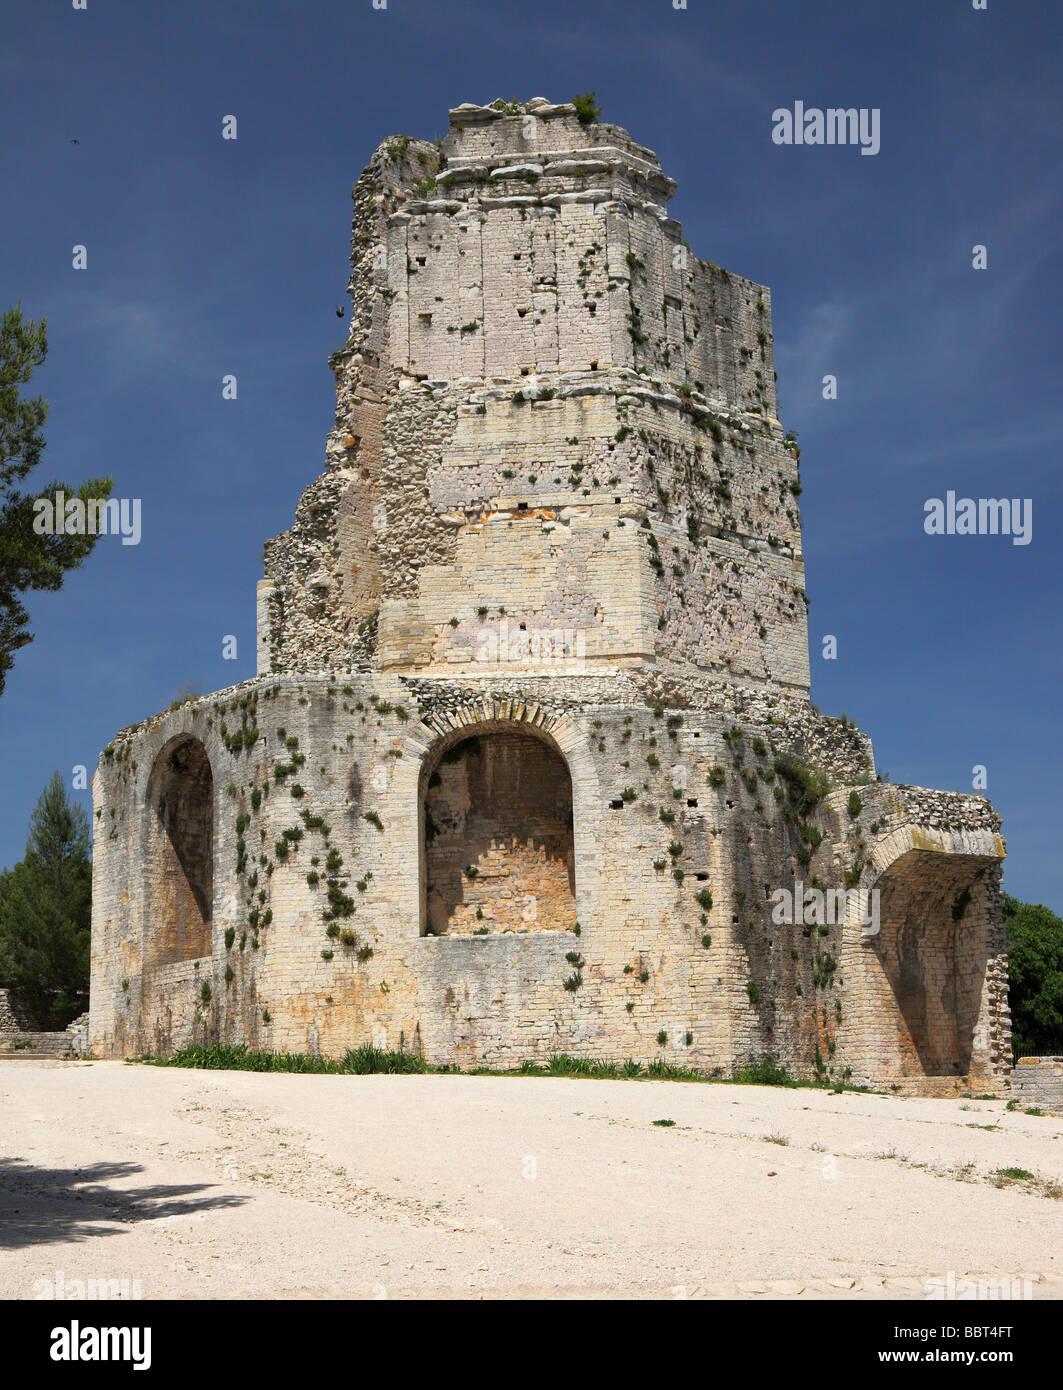 Ancient roman tower Nimes La tour Magne Languedoc-Roussillon France - Stock Image